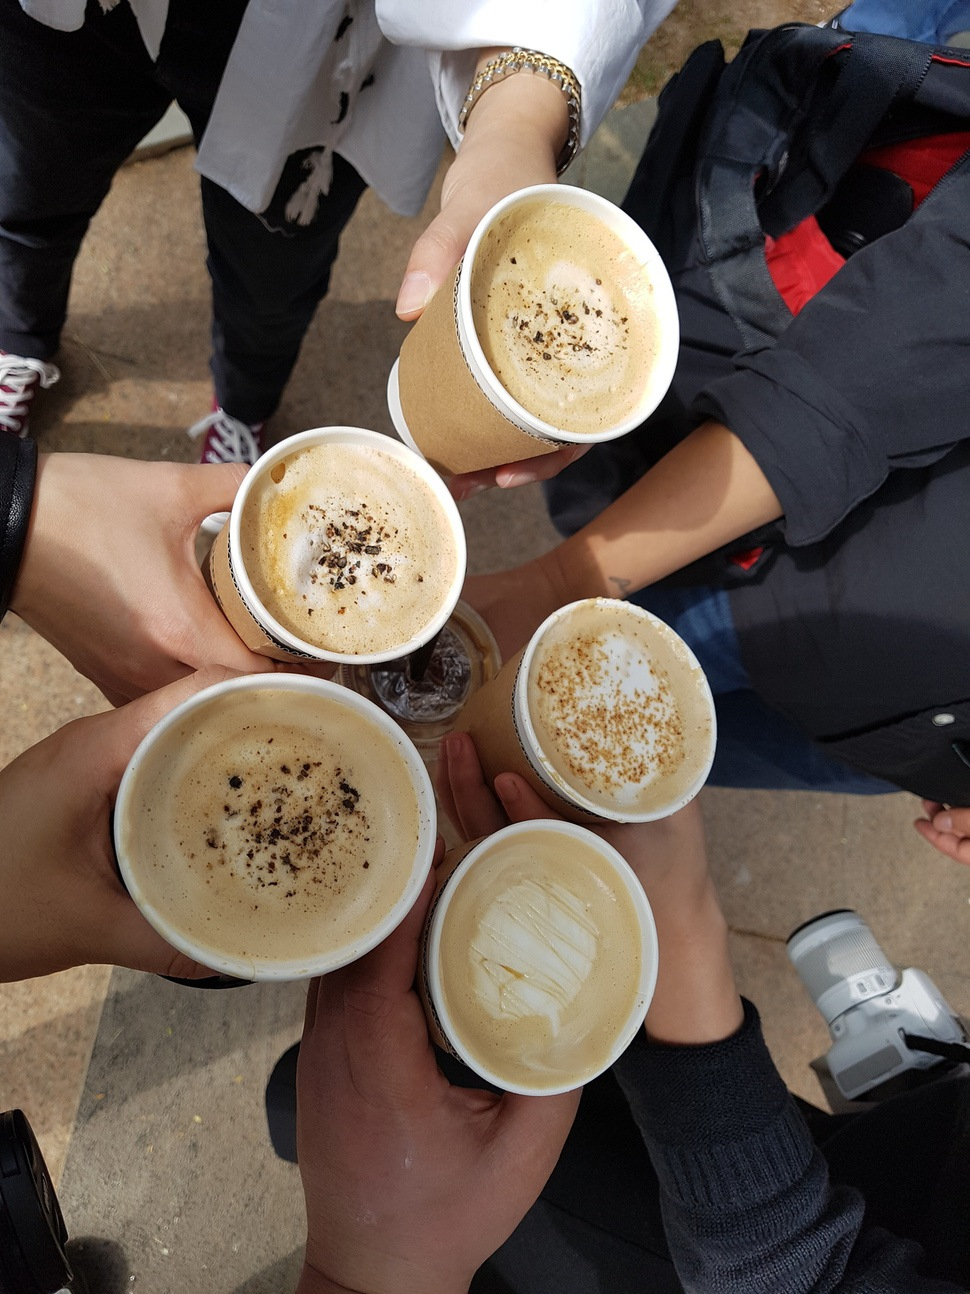 커피를 초·중·고등학교에서 팔지 못하도록 하는 어린이 식생활안전관리 특별법 일부 개정안이 국회 보건복지위원회를 통과했다. 앞으로 본회의를 통과하면 이르면 7월부터 이 법이 시행된다. <한겨레> 자료사진